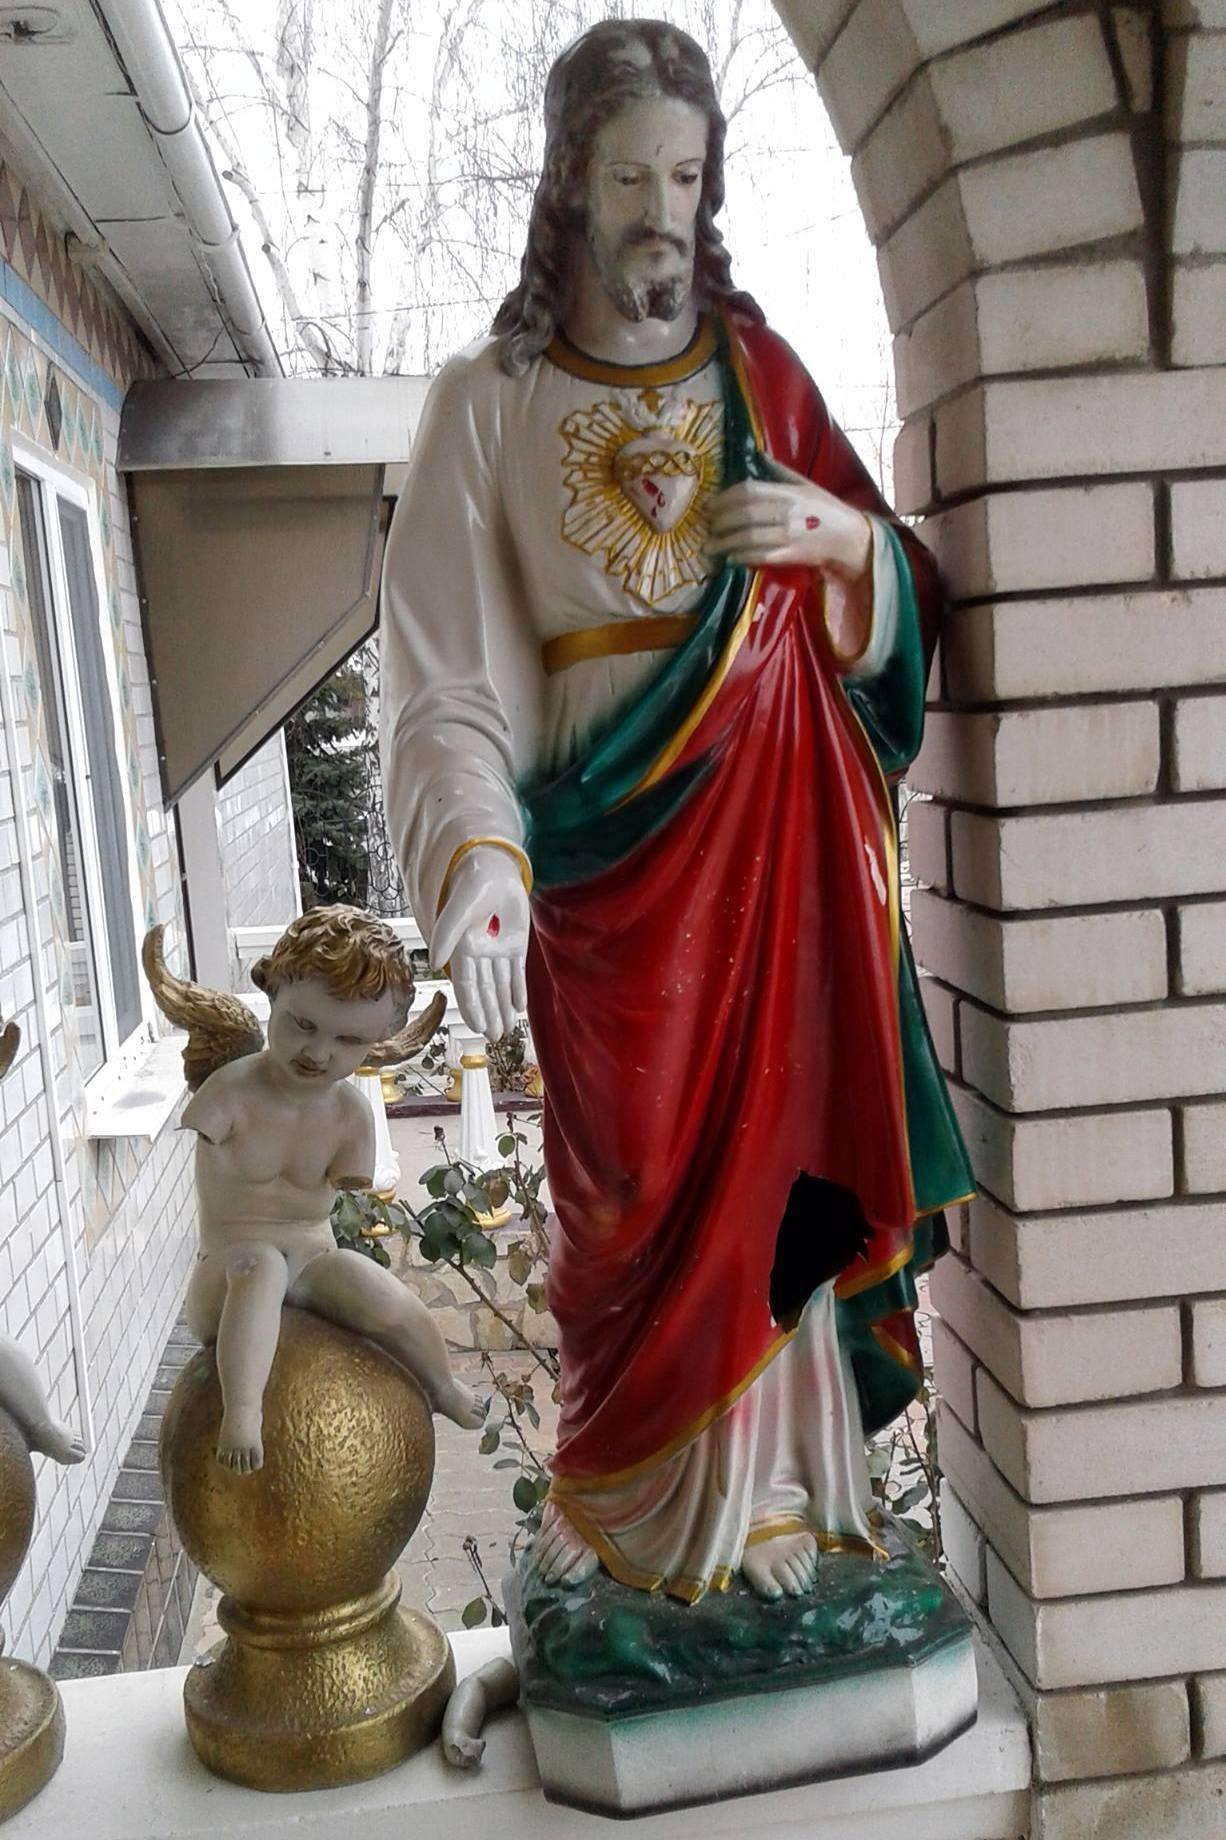 В Килии обсуждают появление в городе группы сатанистов